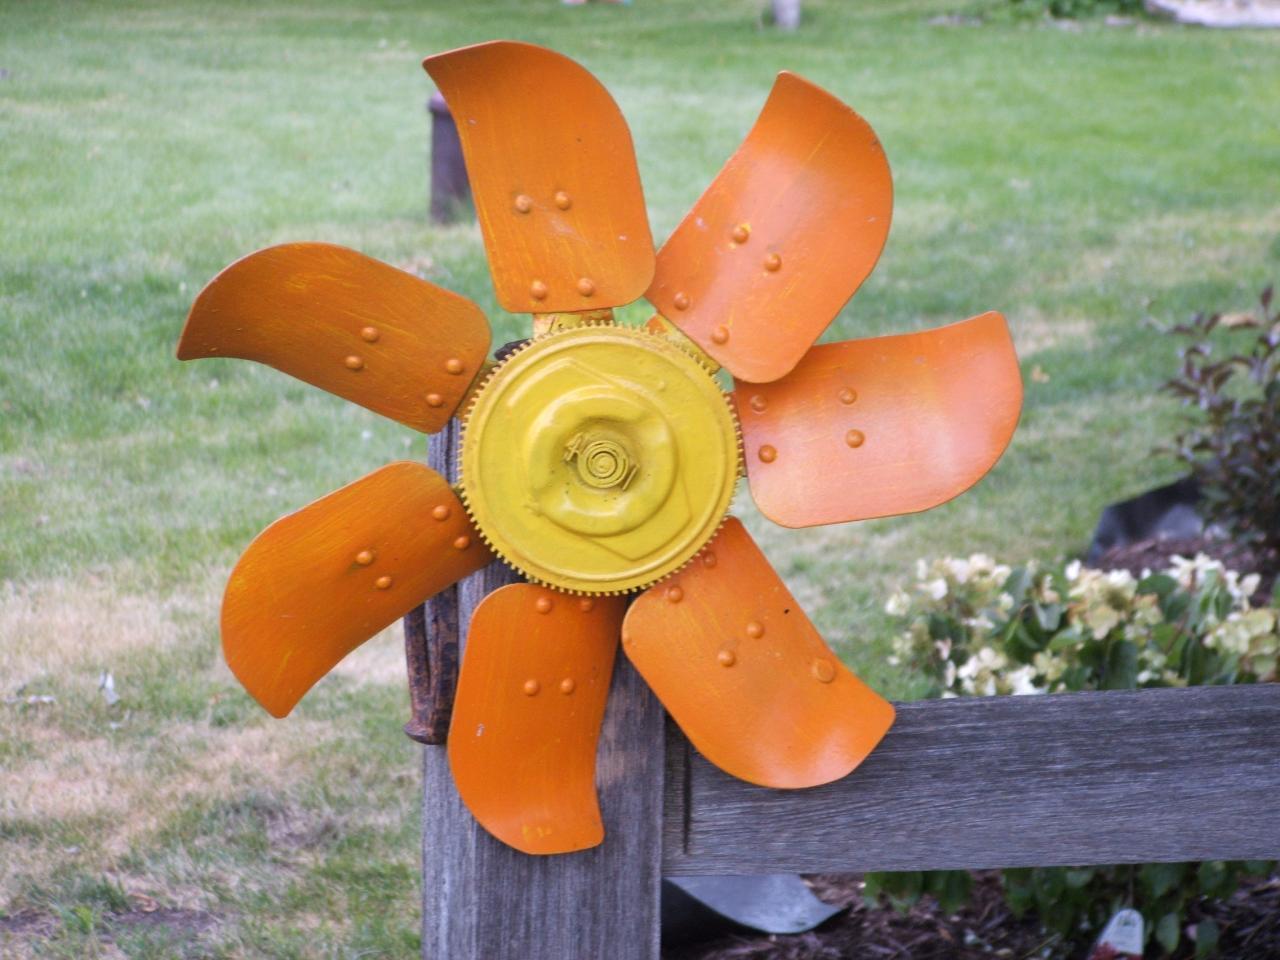 20 ideas para decorar el jardin con materiales reciclables for Decorar el jardin con cosas recicladas